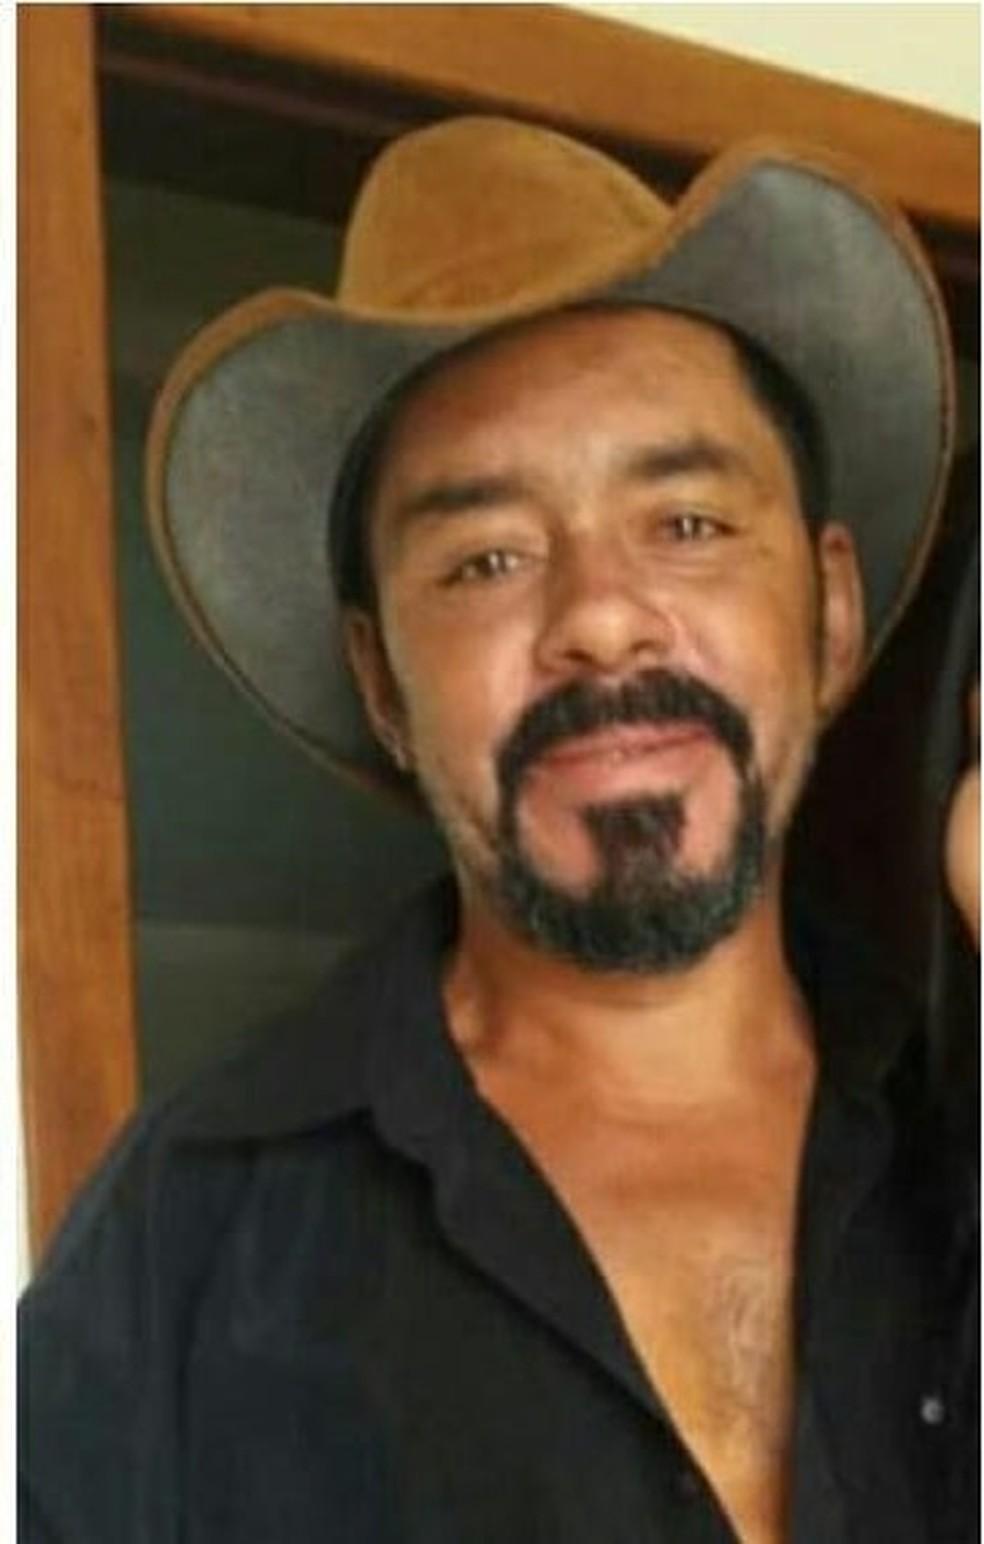 Heraldo José de Carvalho, de 43 anos, foi morto em maio de 2019; corpo foi encontrado em um matagal no Itapoã no DF — Foto: PCDF/Divulgação